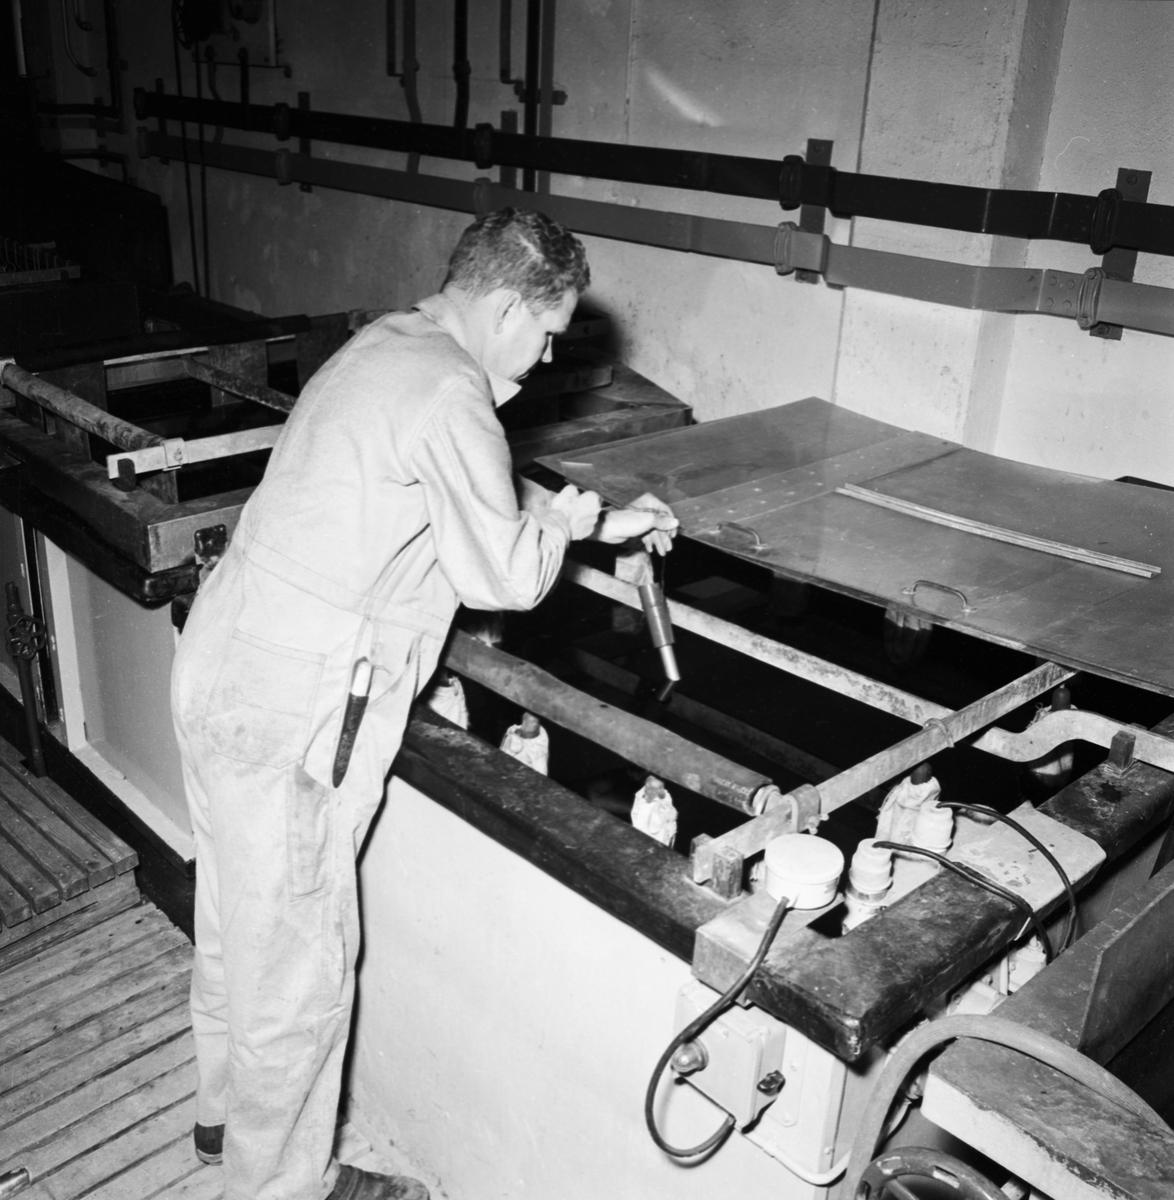 Övrigt: Foto datum: 30/6 1964 Verkstäder och personal. Ytbehandlingsverkstan arb. detaljer. Närmast identisk bild: V28893 och V28895, ej skannade